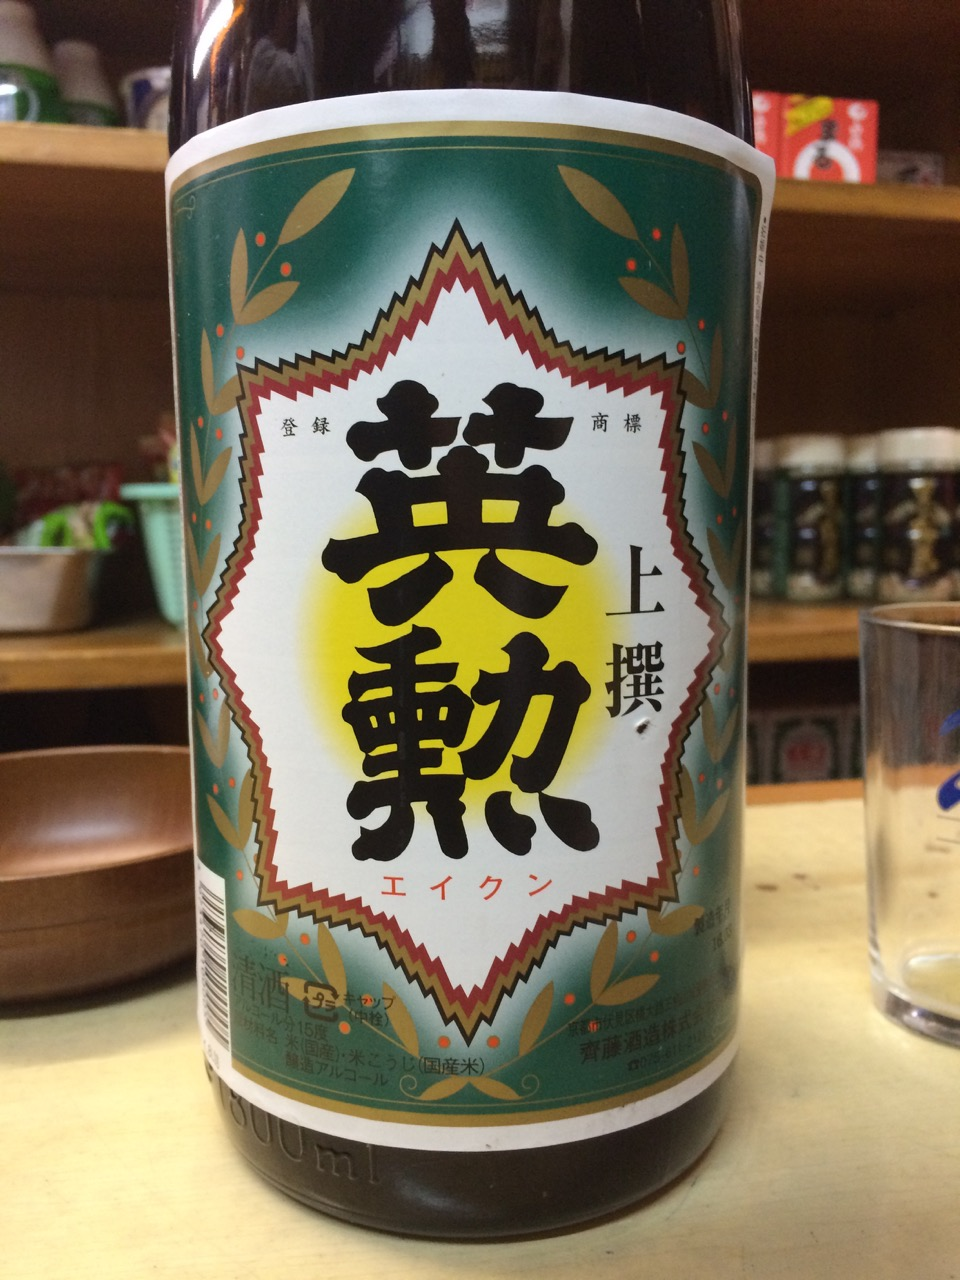 「英勲 上撰」京都五条烏丸「八星酒店」で立ち飲み|日本酒テイスティングノート